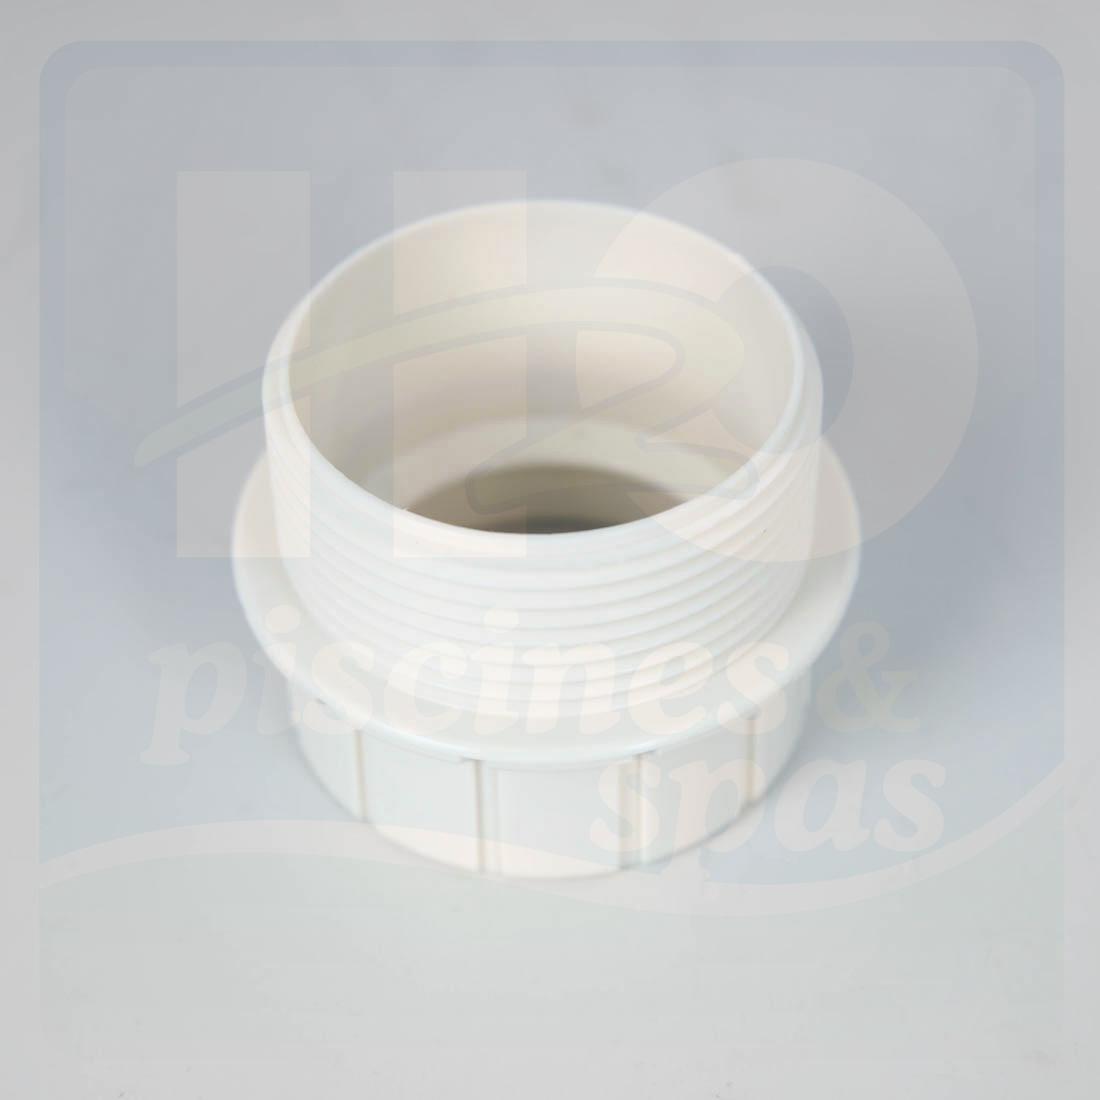 Raccord de tuyau mle de robot polaris 165 h2o piscines for Aspirateur piscine polaris 165